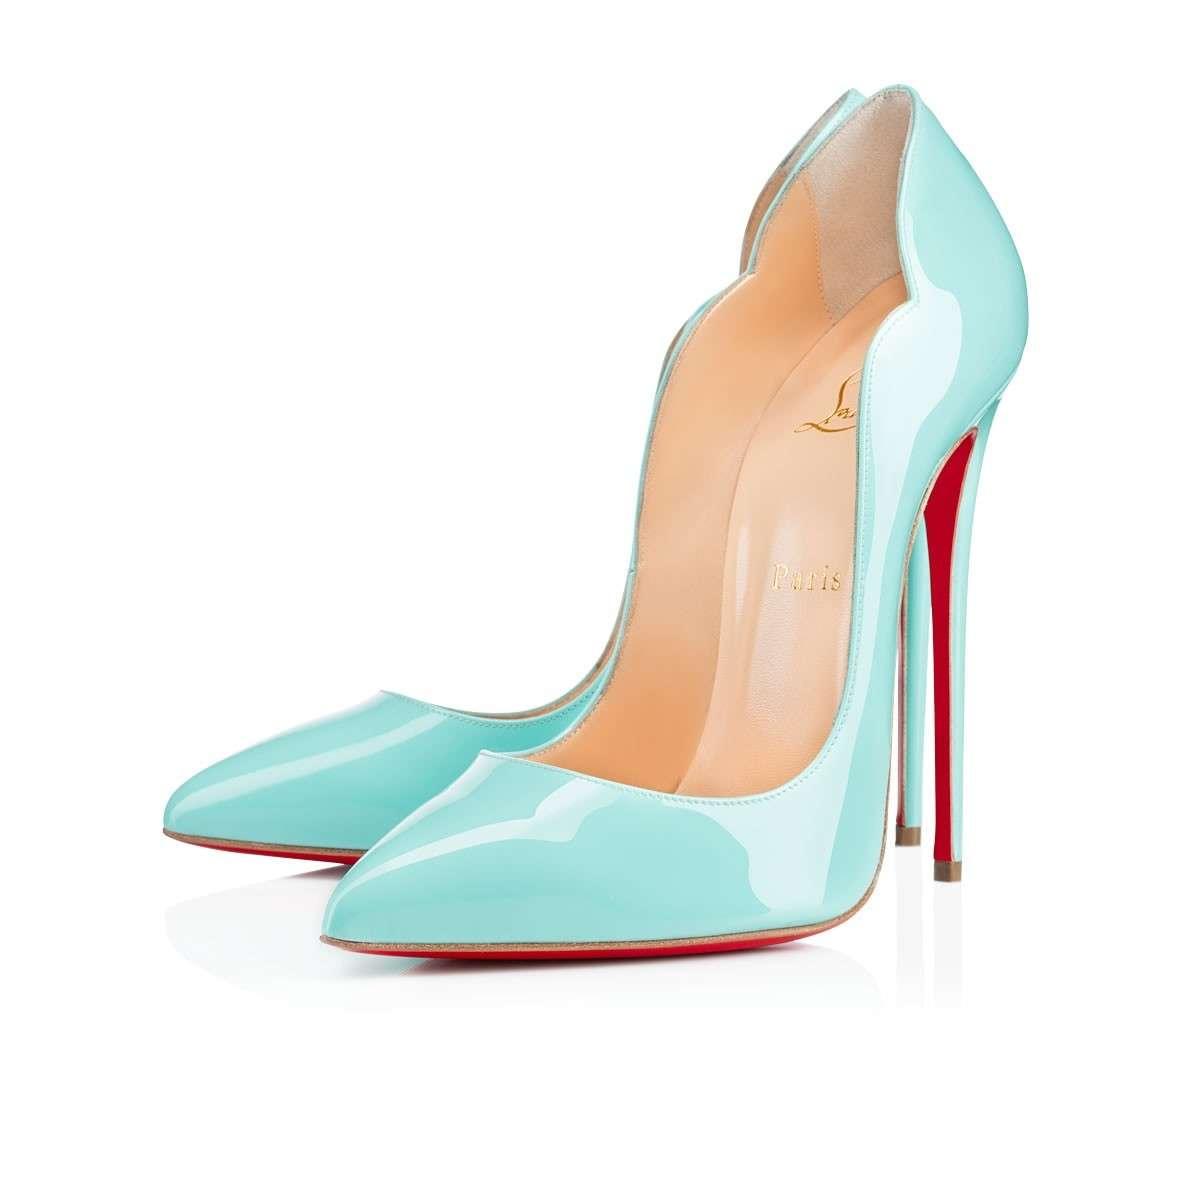 Le marche di scarpe più famose: da Christian Louboutin a